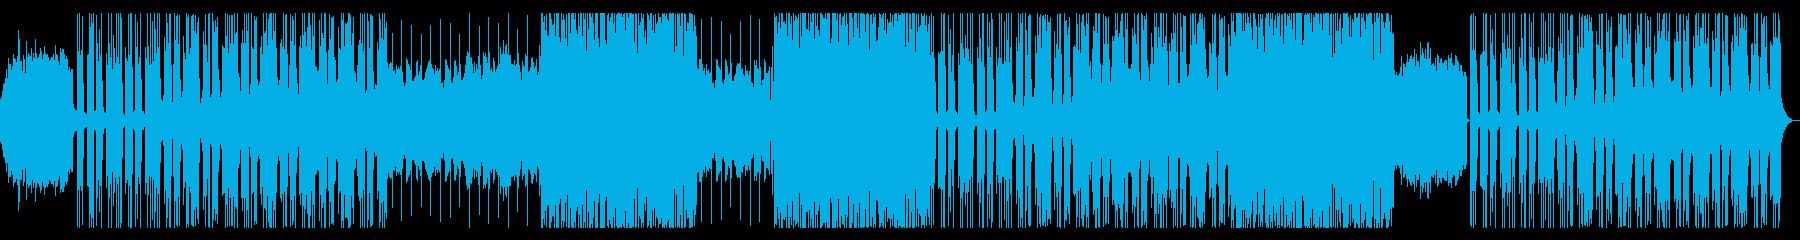 ポップで切ないBGMの再生済みの波形